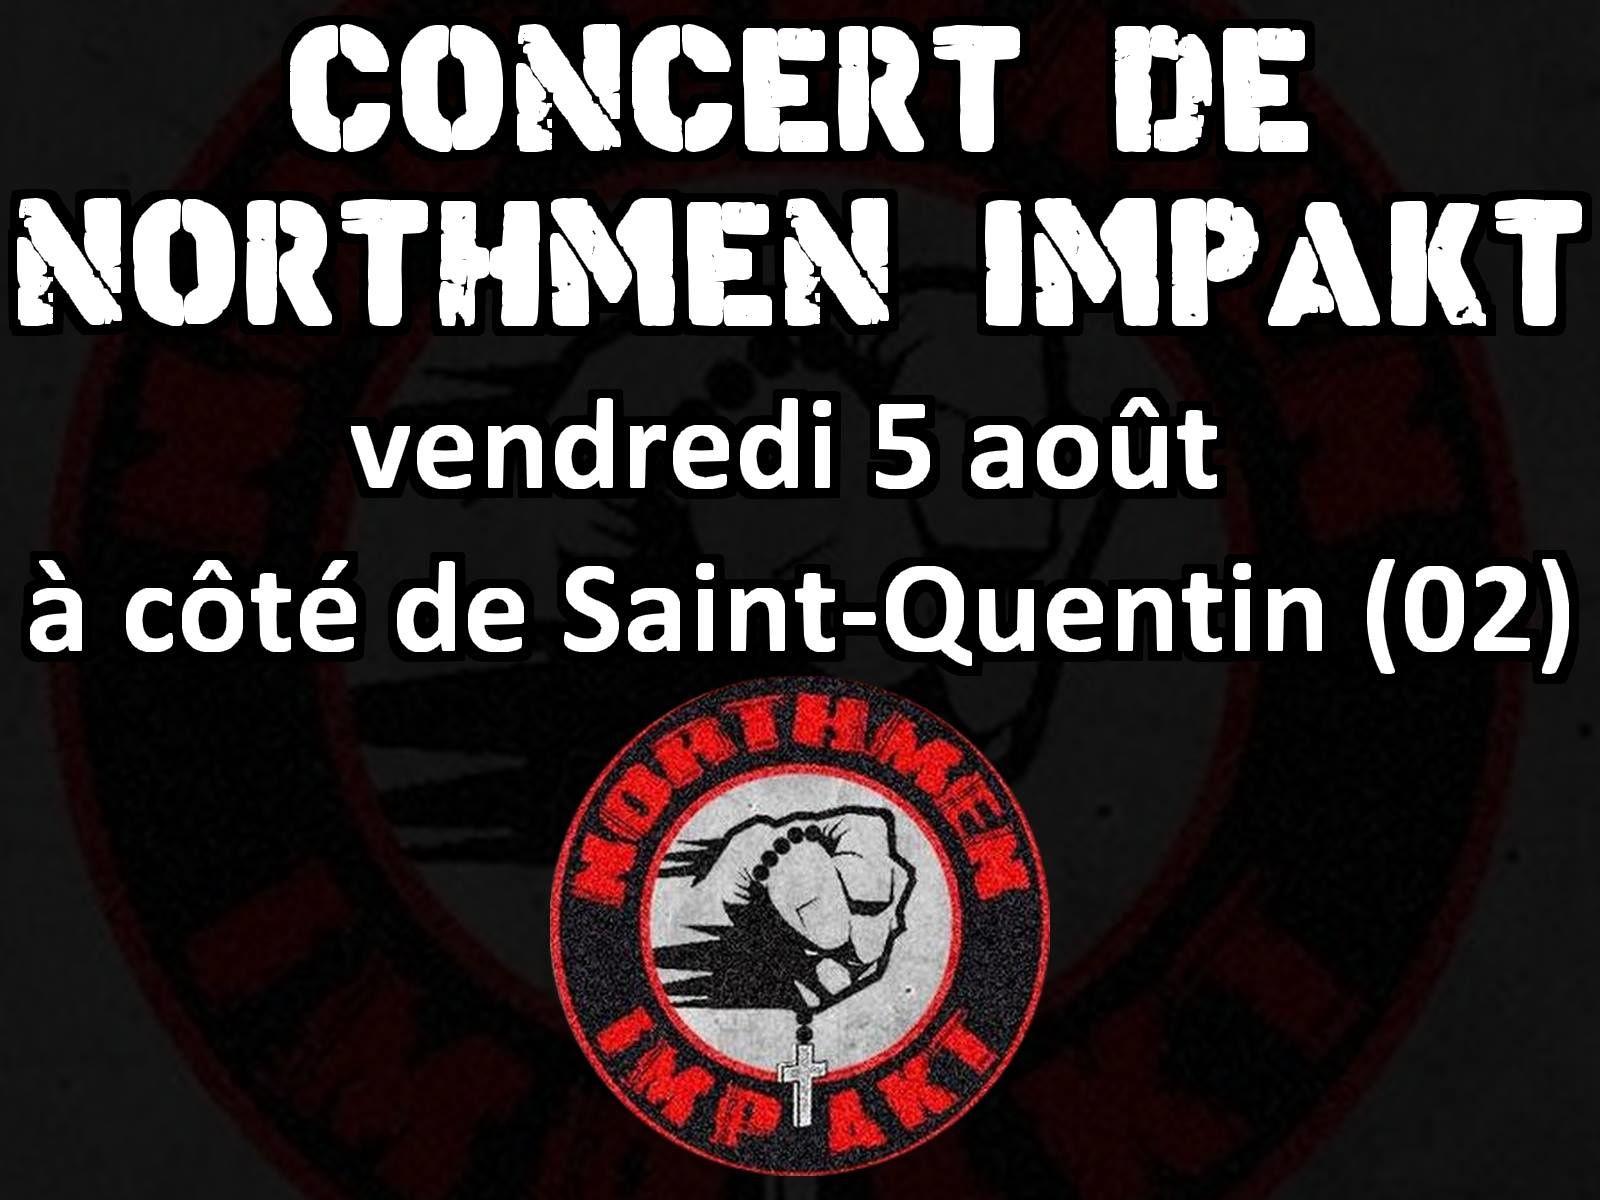 Northmen Impakt en concert à côté de Saint-Quentin vendredi 5 août